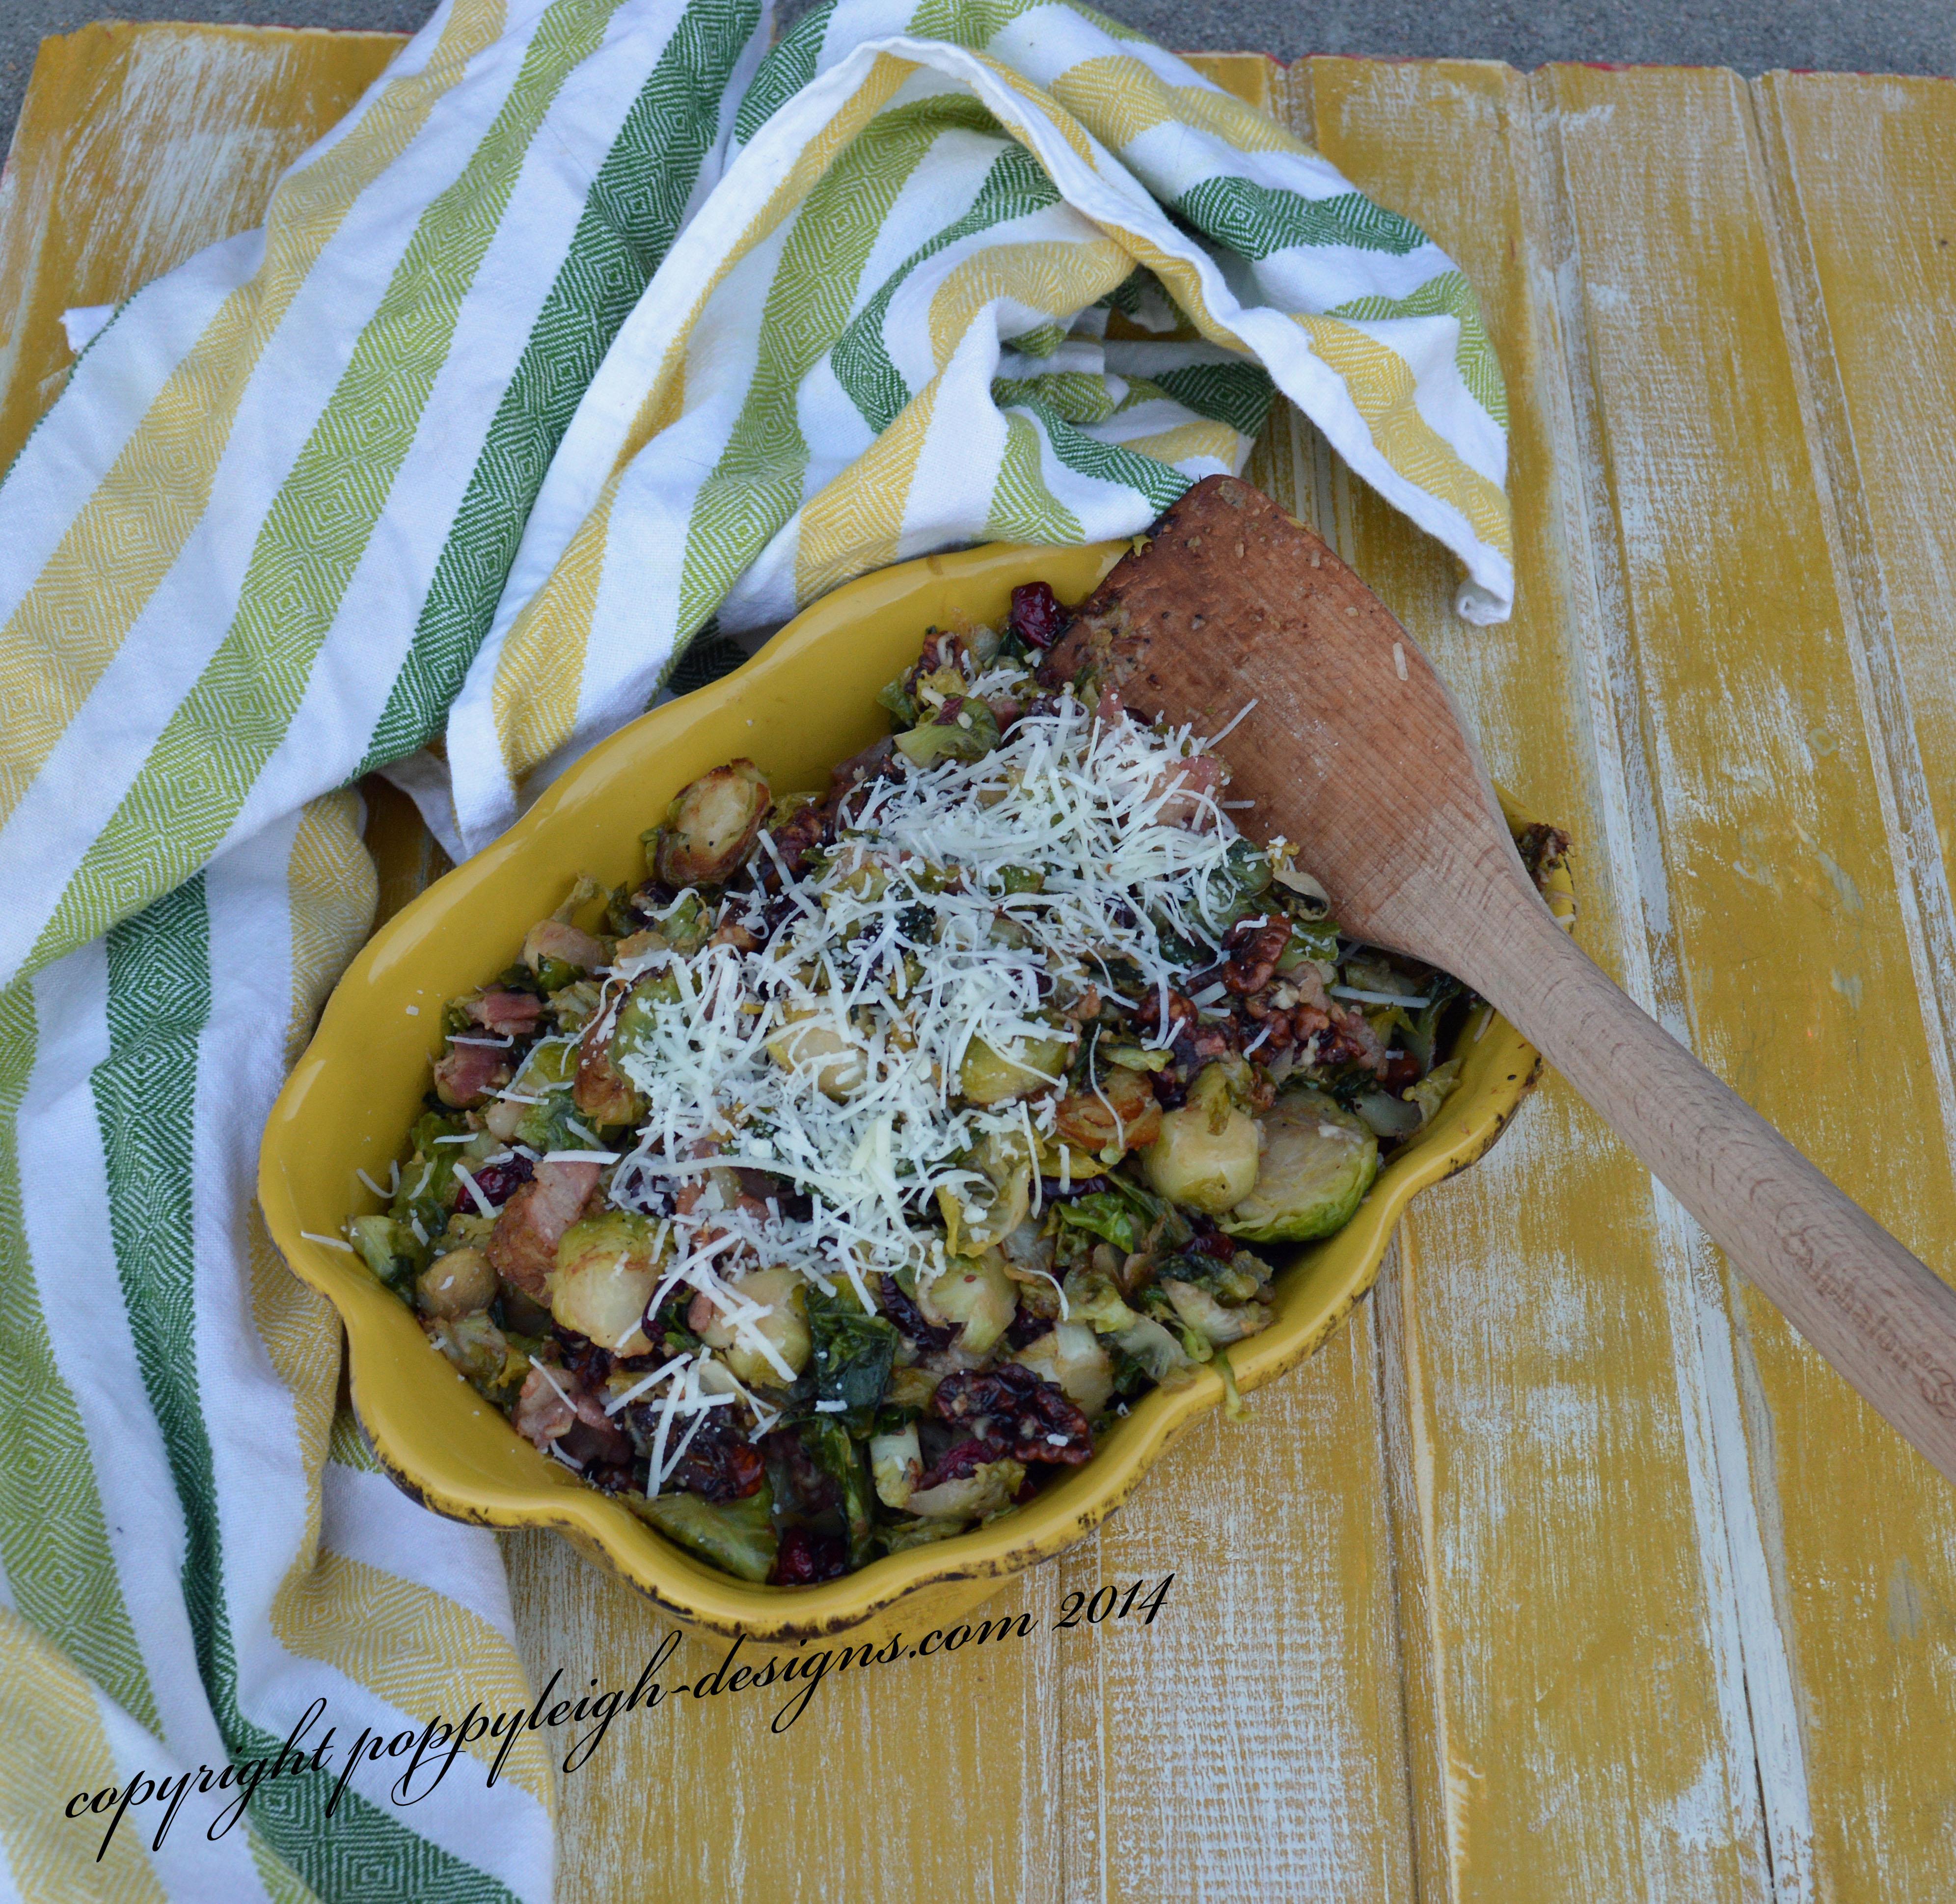 pancetta, cranberry, walnut brus spr (19)